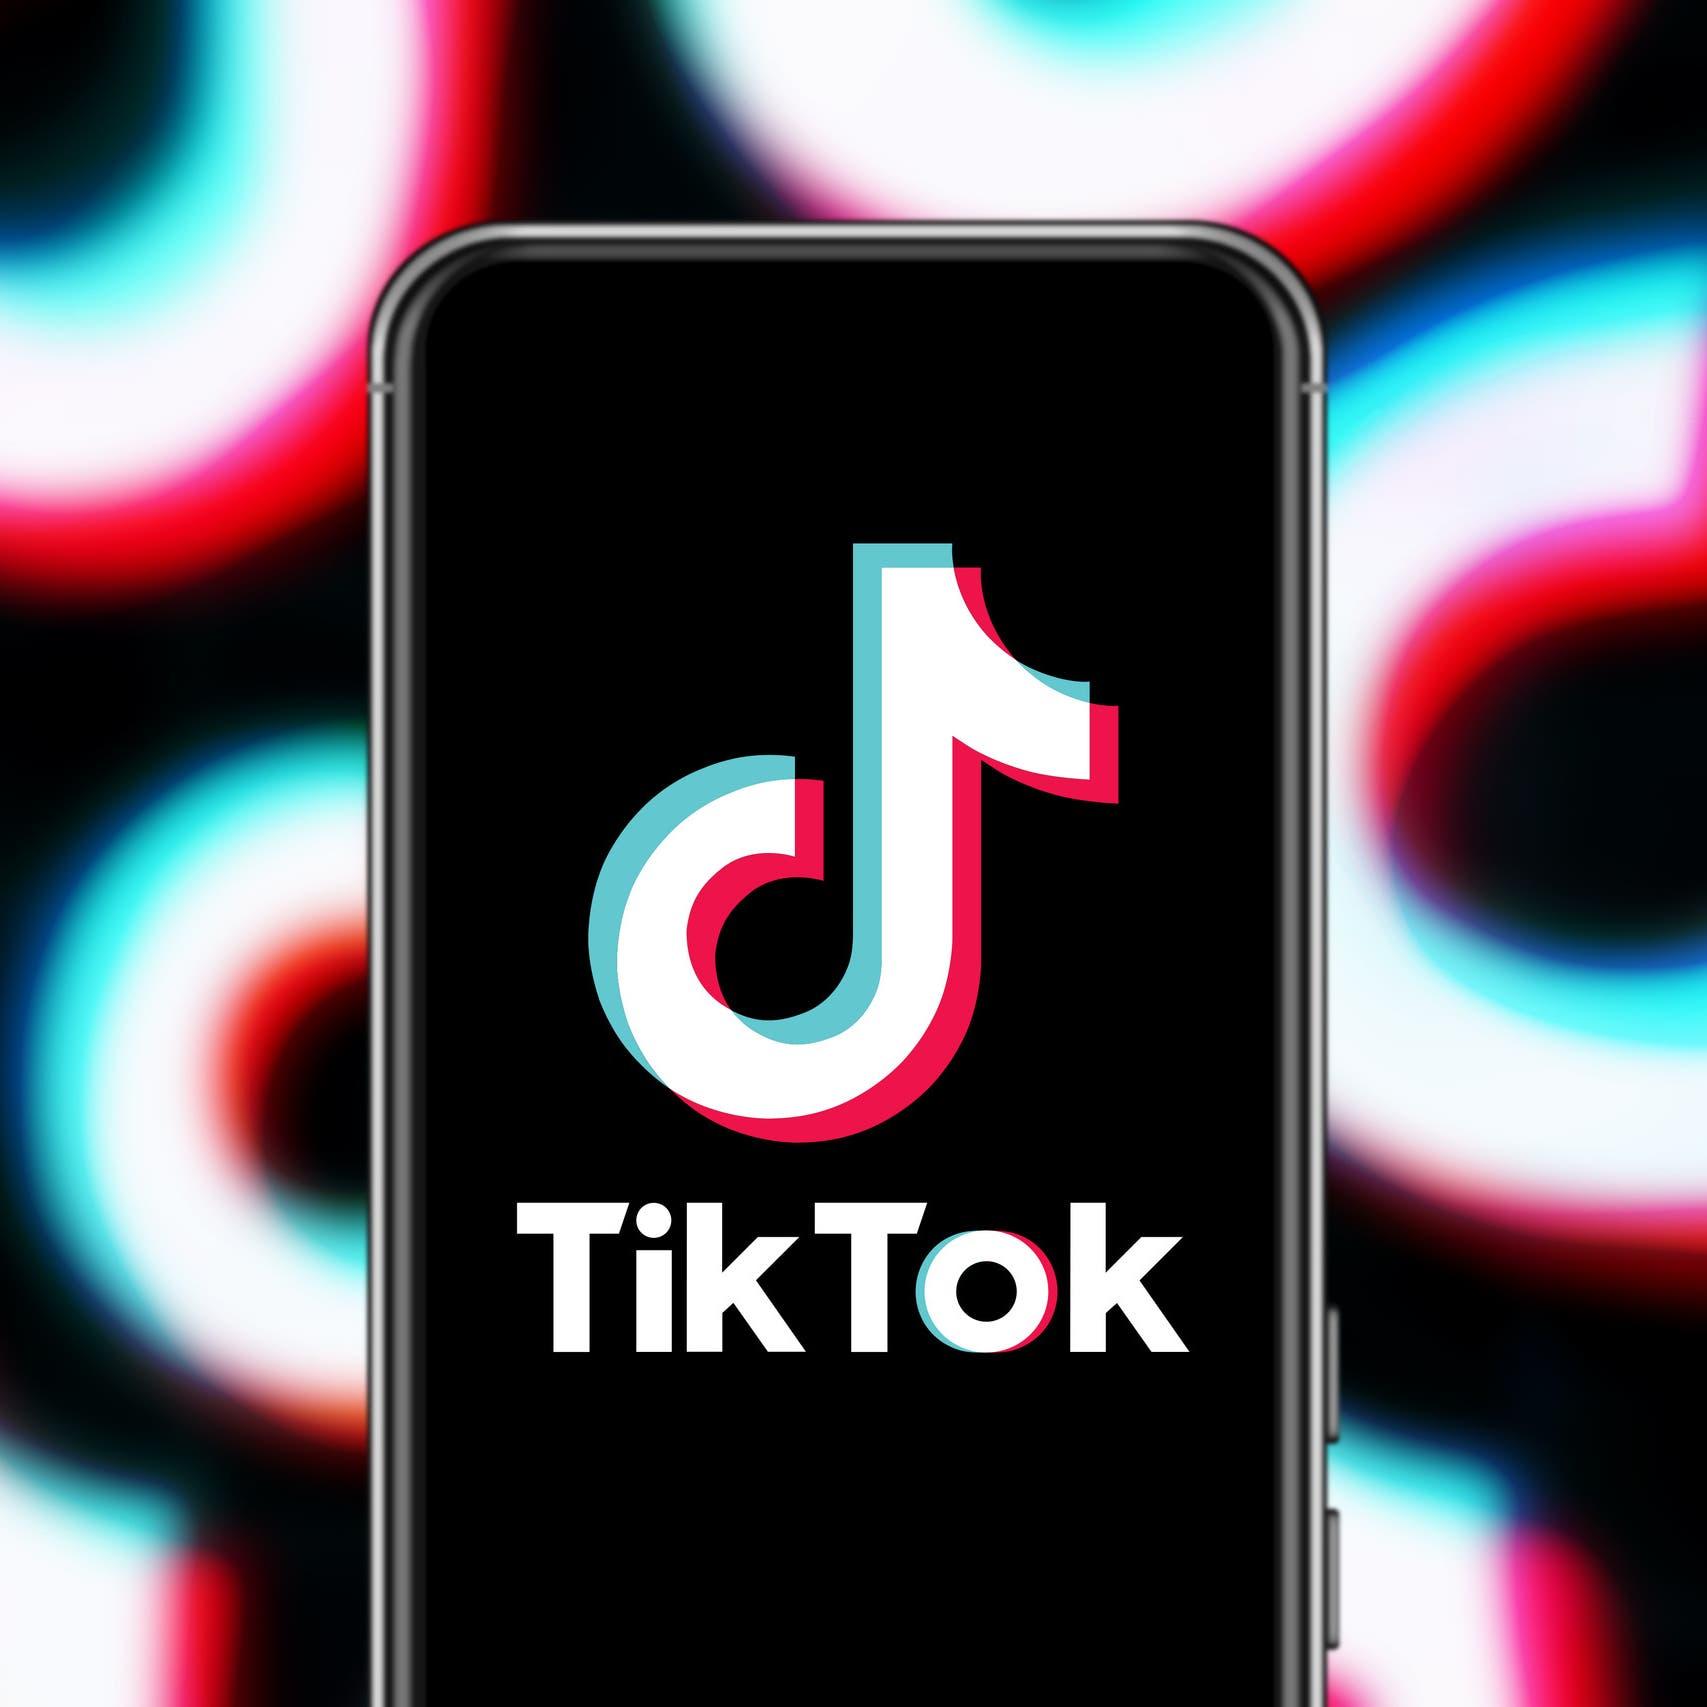 جديد تيك توك.. تحول كبير في تحميل مقاطع الفيديو